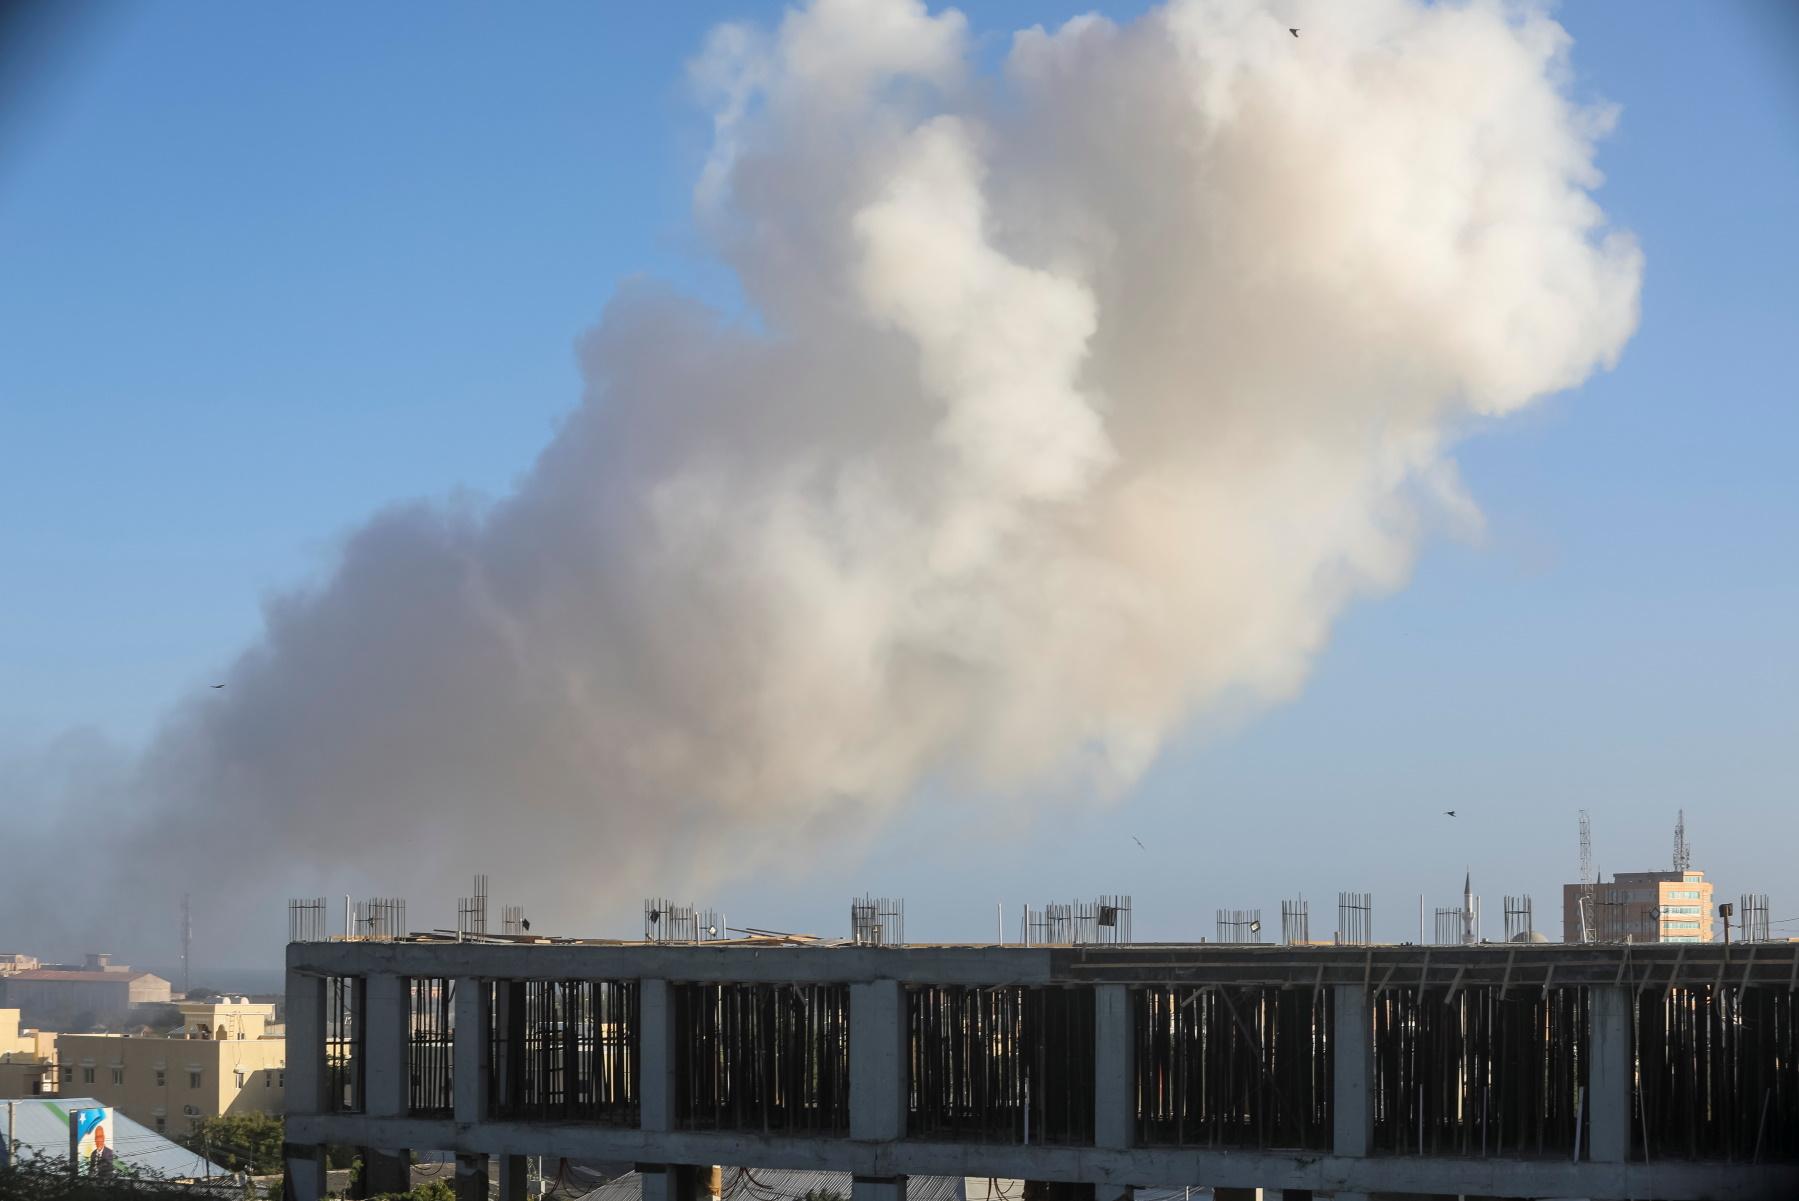 Σομαλία: 12 μυστικοί πράκτορες σκοτώθηκαν από έκρηξη βόμβας της «Αλ Σαμπάμπ»